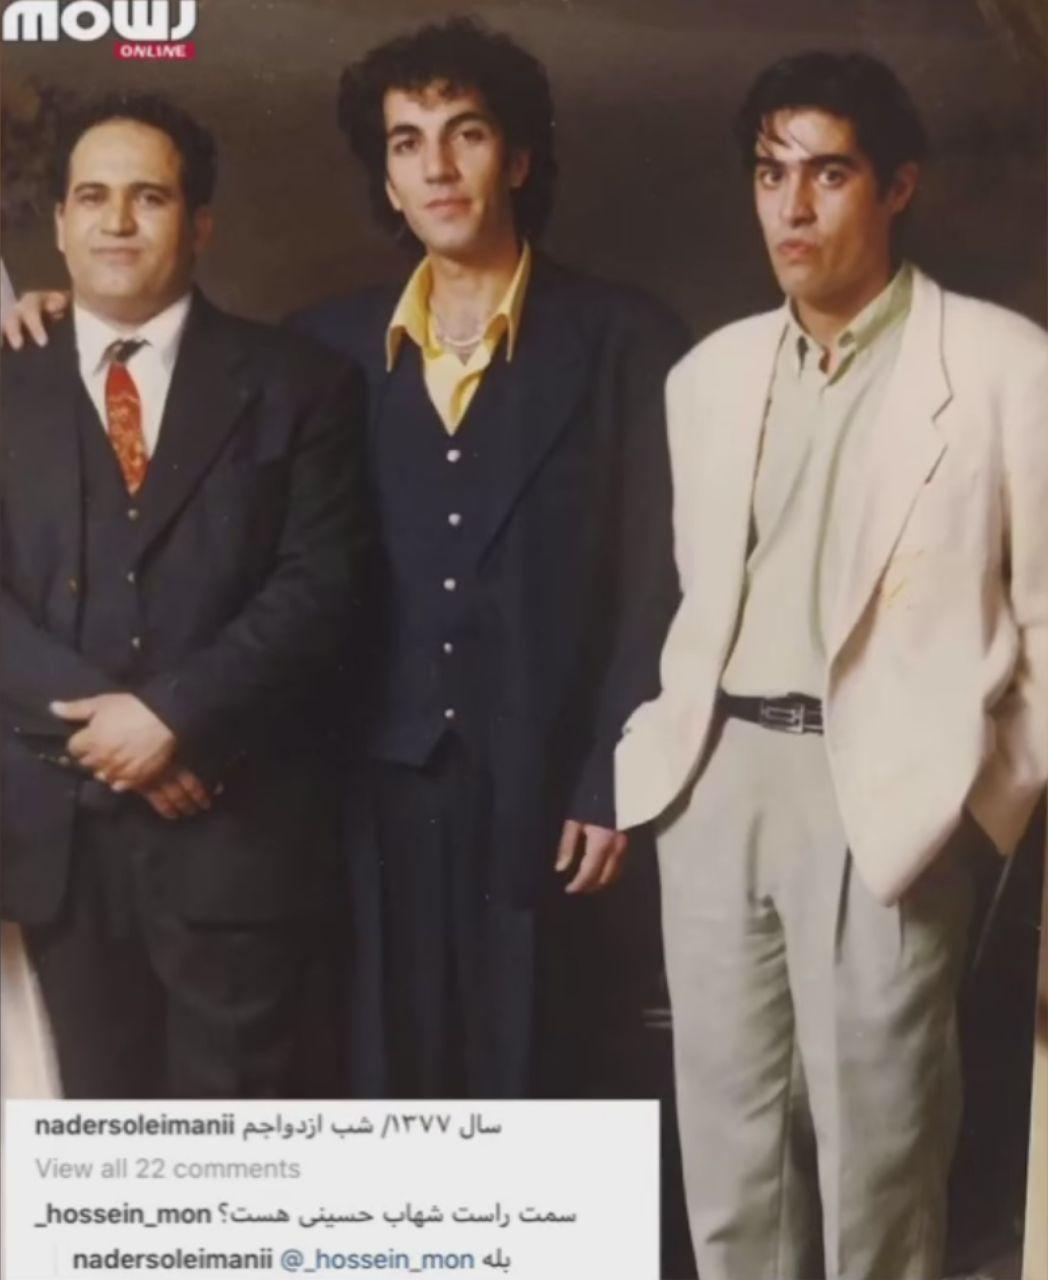 عکس زیرخاکی از شهاب حسینی در عروسی نادر سلیمانی